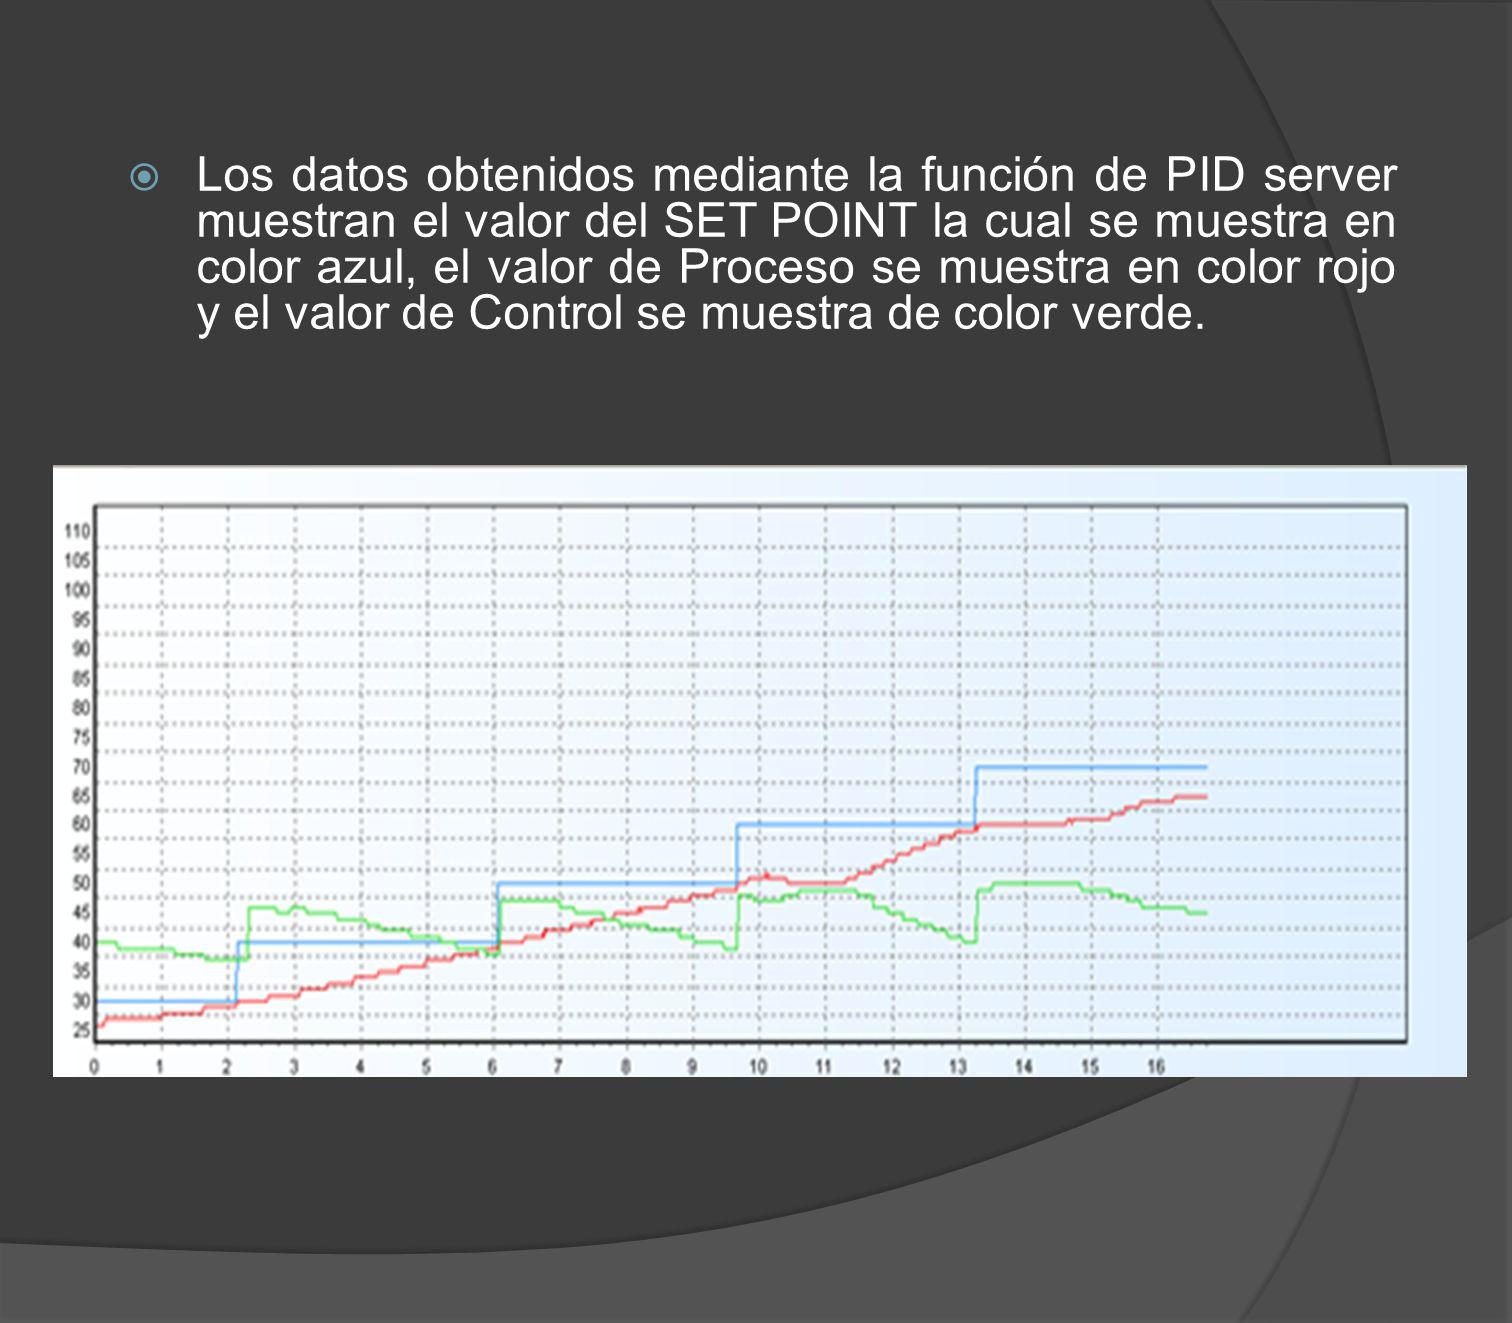 Los datos obtenidos mediante la función de PID server muestran el valor del SET POINT la cual se muestra en color azul, el valor de Proceso se muestra